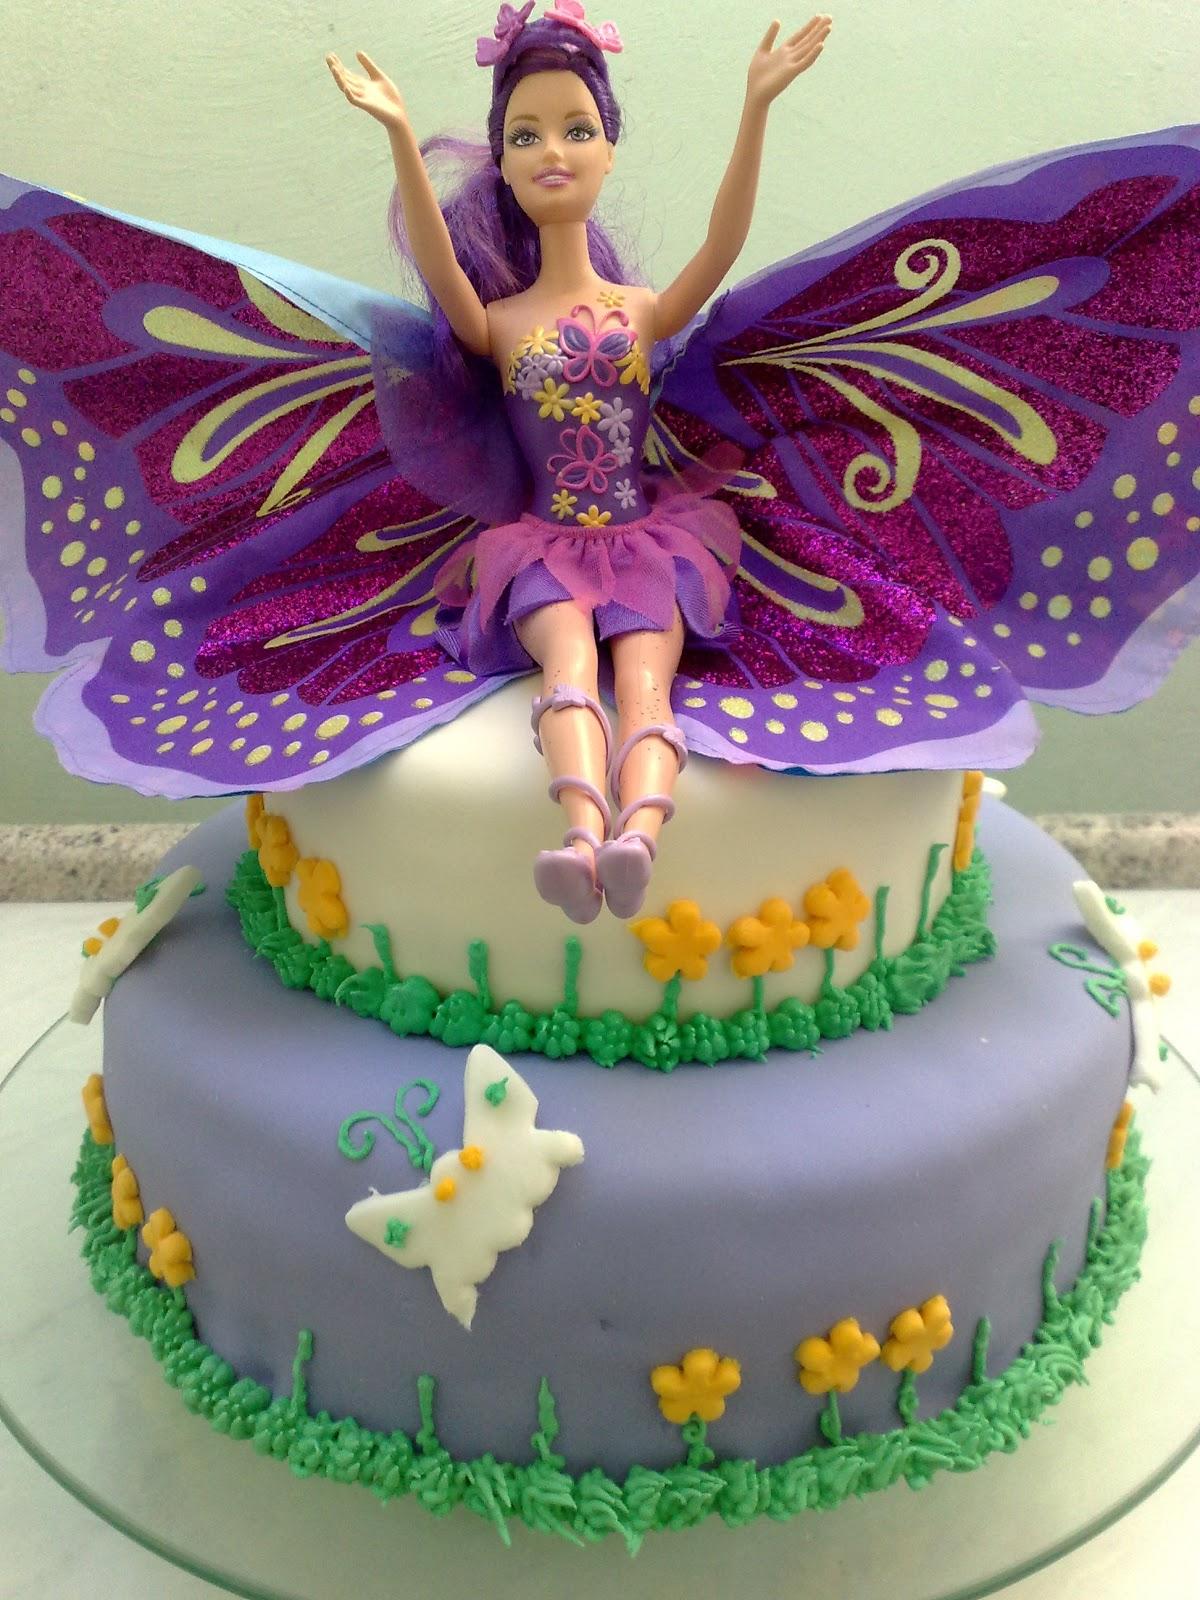 Related to como fazer bolo barbie bolo boneca youtube